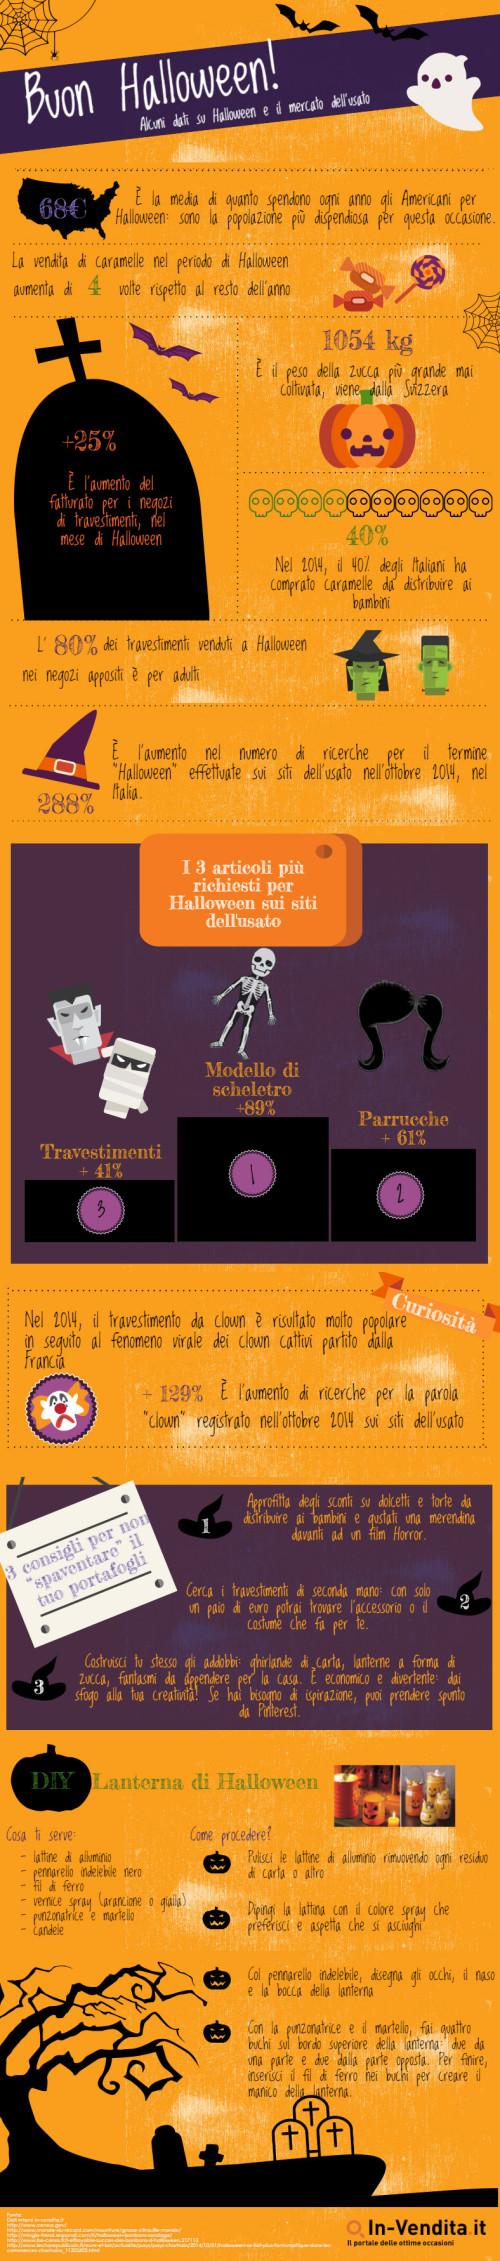 http://www.in-vendita.it/, il portale delle buone occasioni